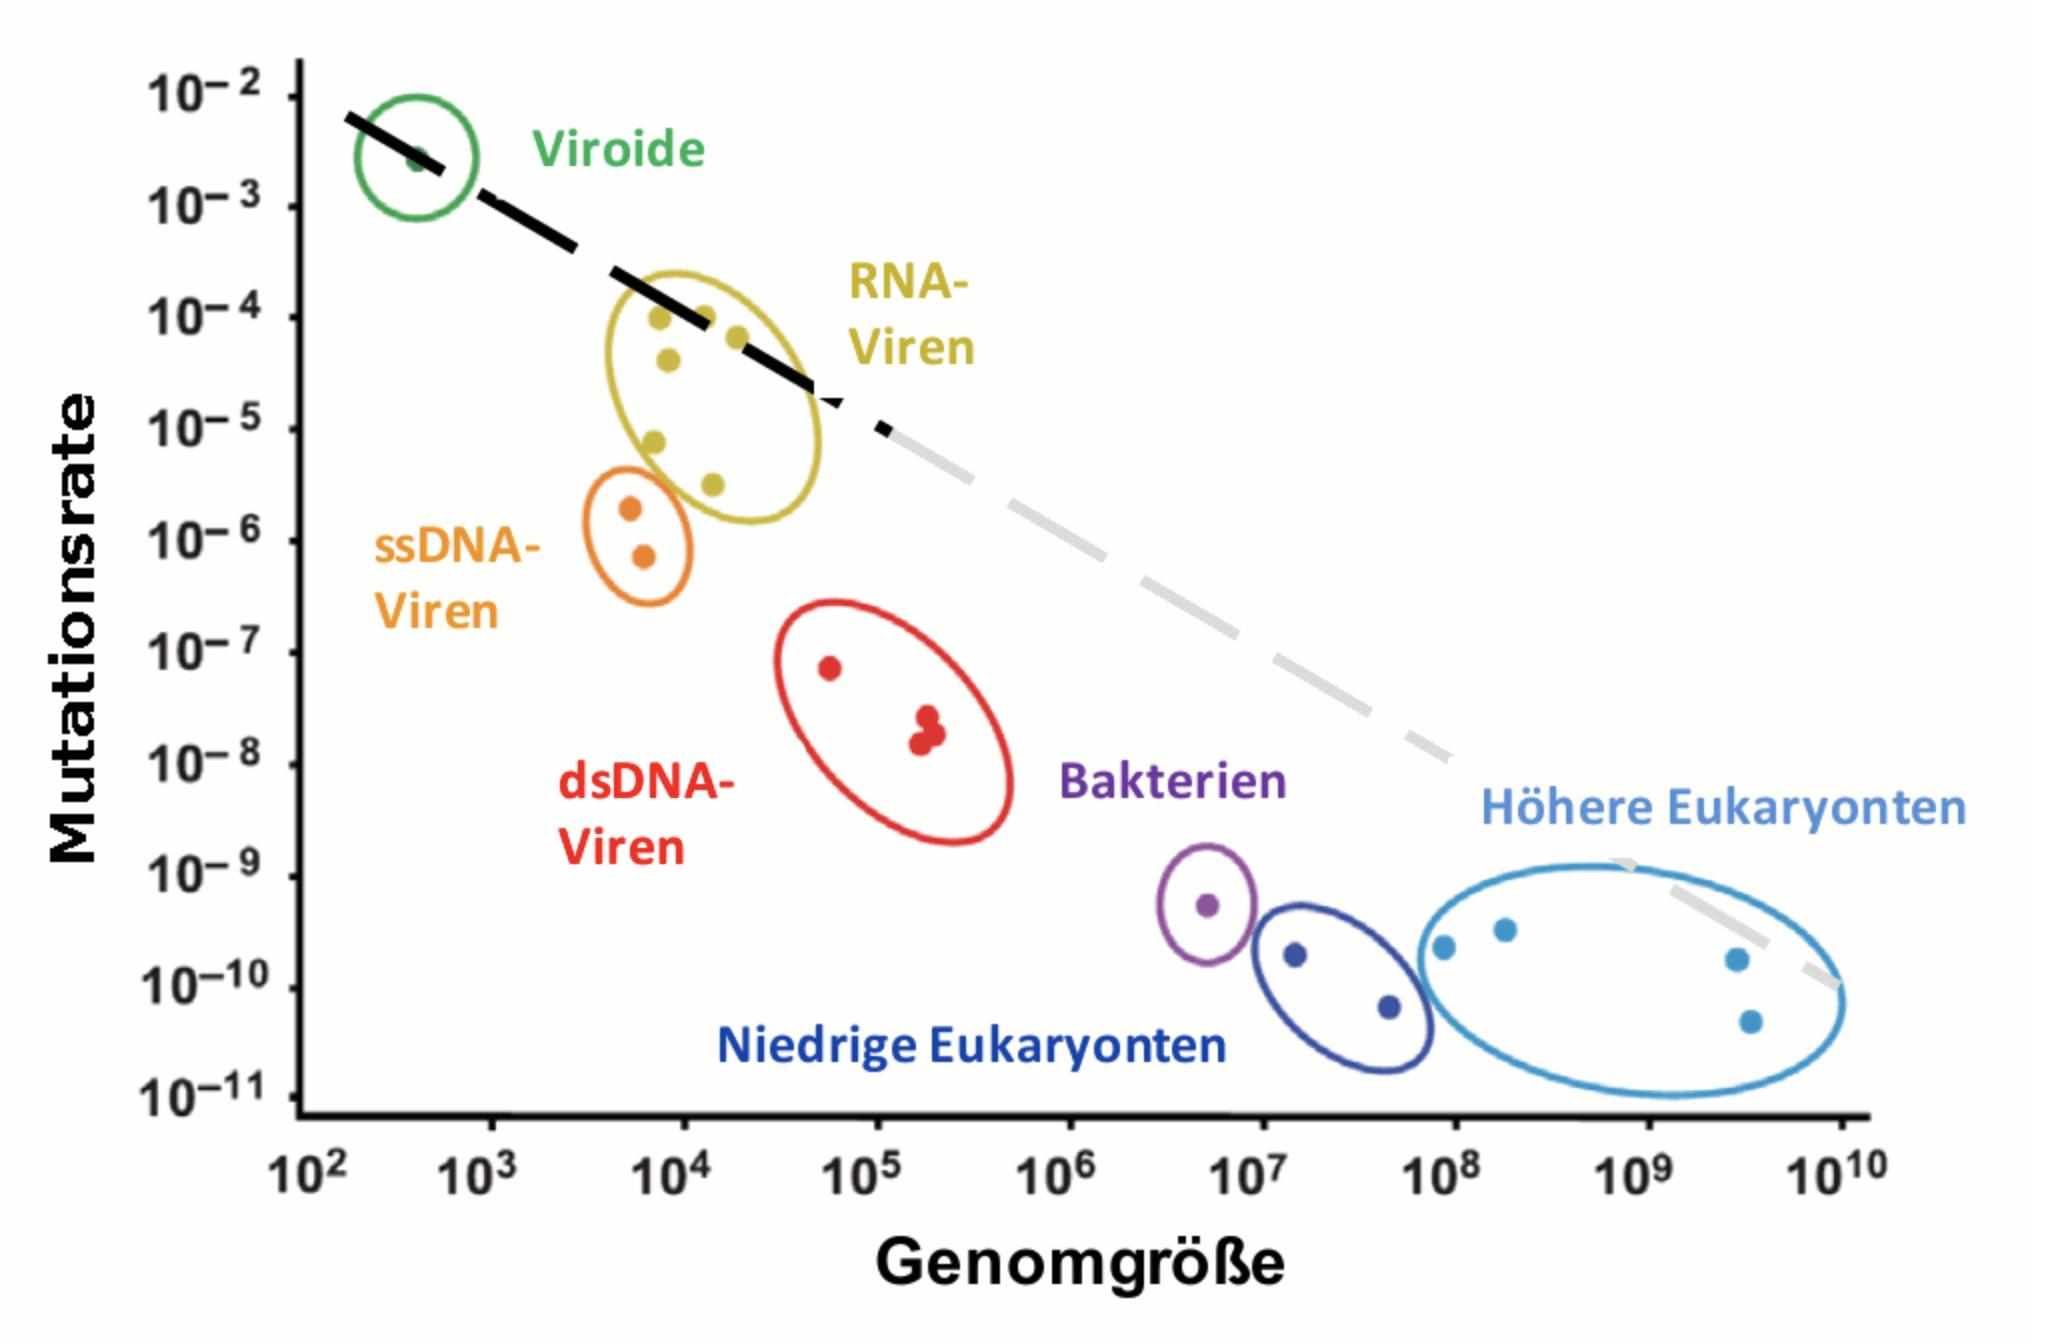 Die Mutationsrate, also die Veränderungen in einem Genom, hängt von dessen Größe ab. Je kleiner das Genom, desto schneller kann es sich verändern. Quelle: Scienceblog.at (http://scienceblog.at/index.php/letale-mutagenese-—-strategie-im-kampf-gegen-viren#.Xr2JXC2ZNBw)